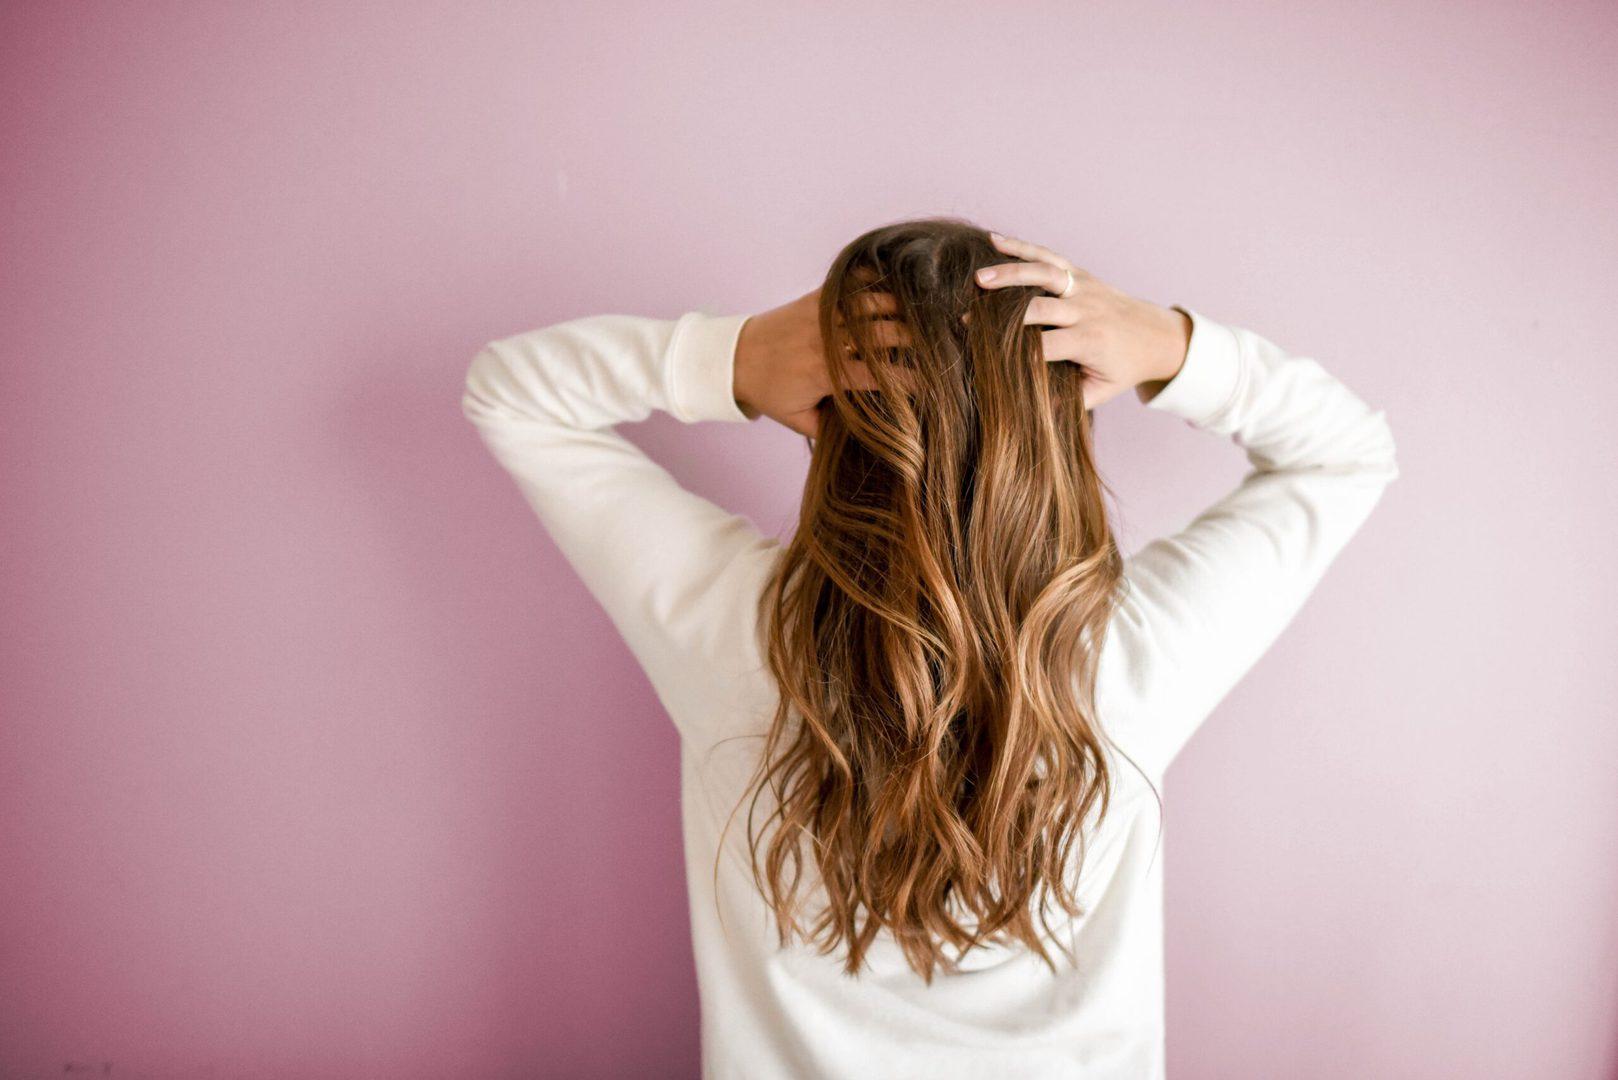 Prodotti per capelli: gli indispensabili per l'estate 2020